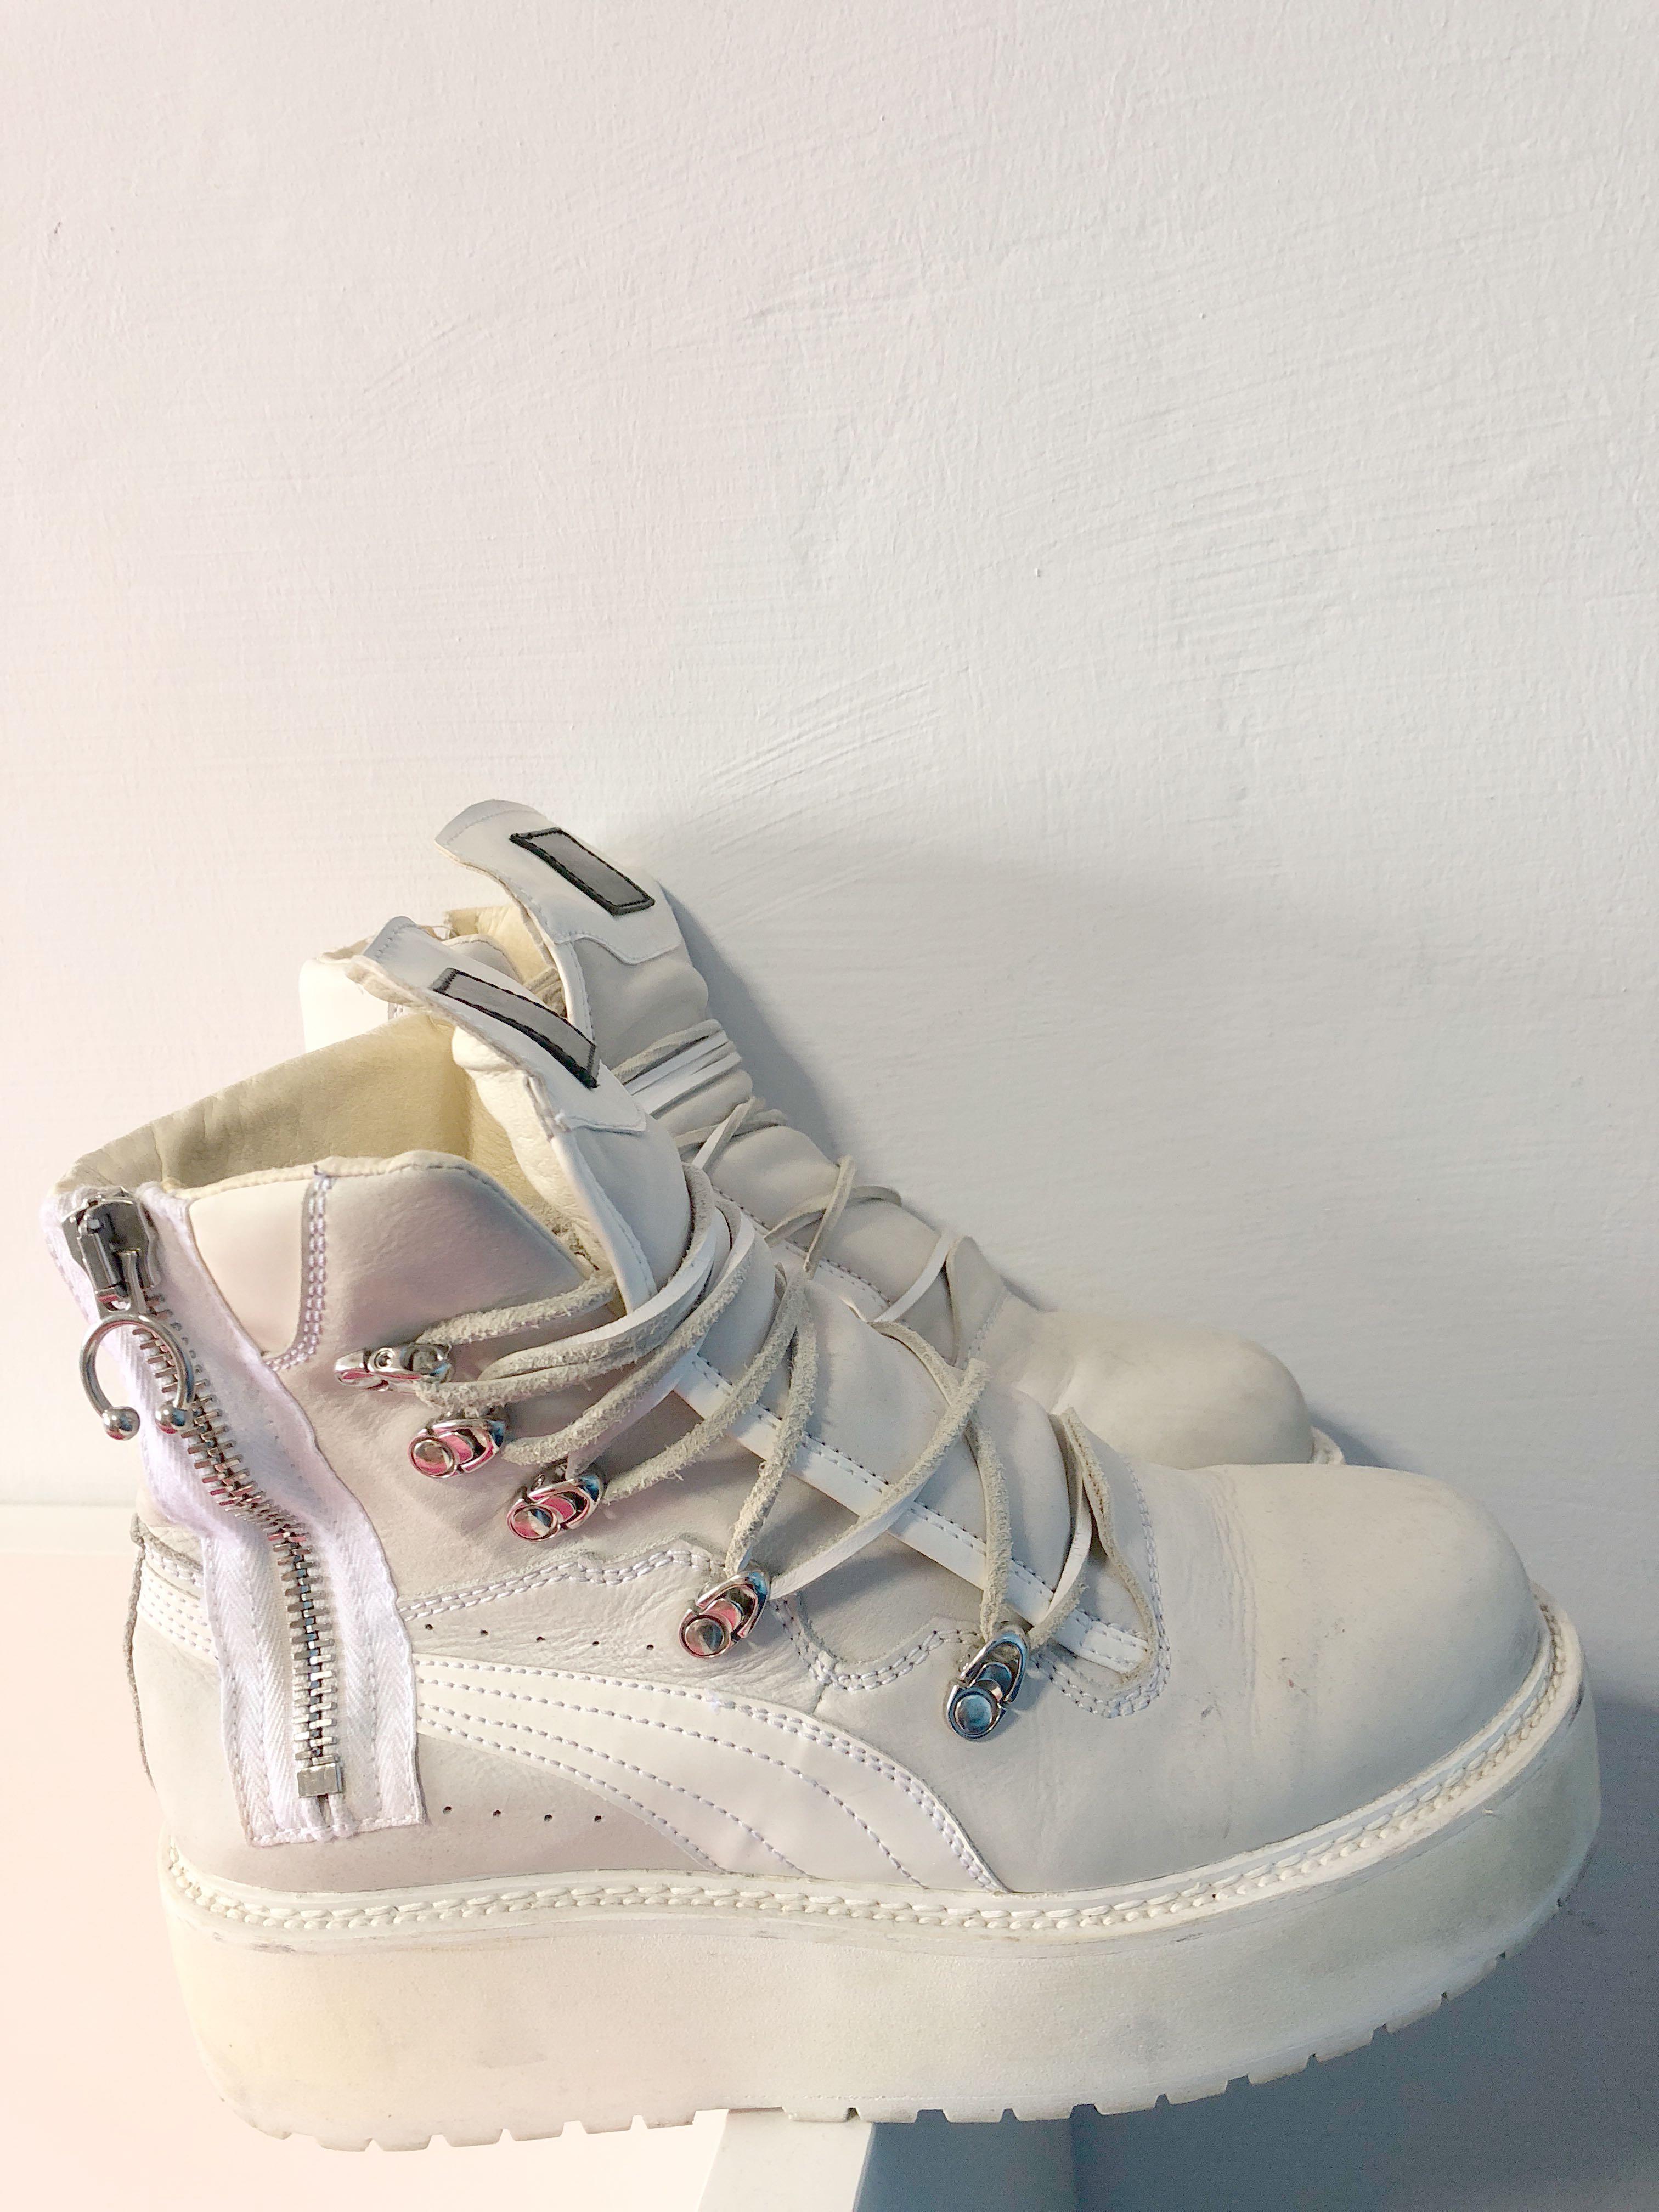 FENTY x Puma Sneaker Boots US9, Men's